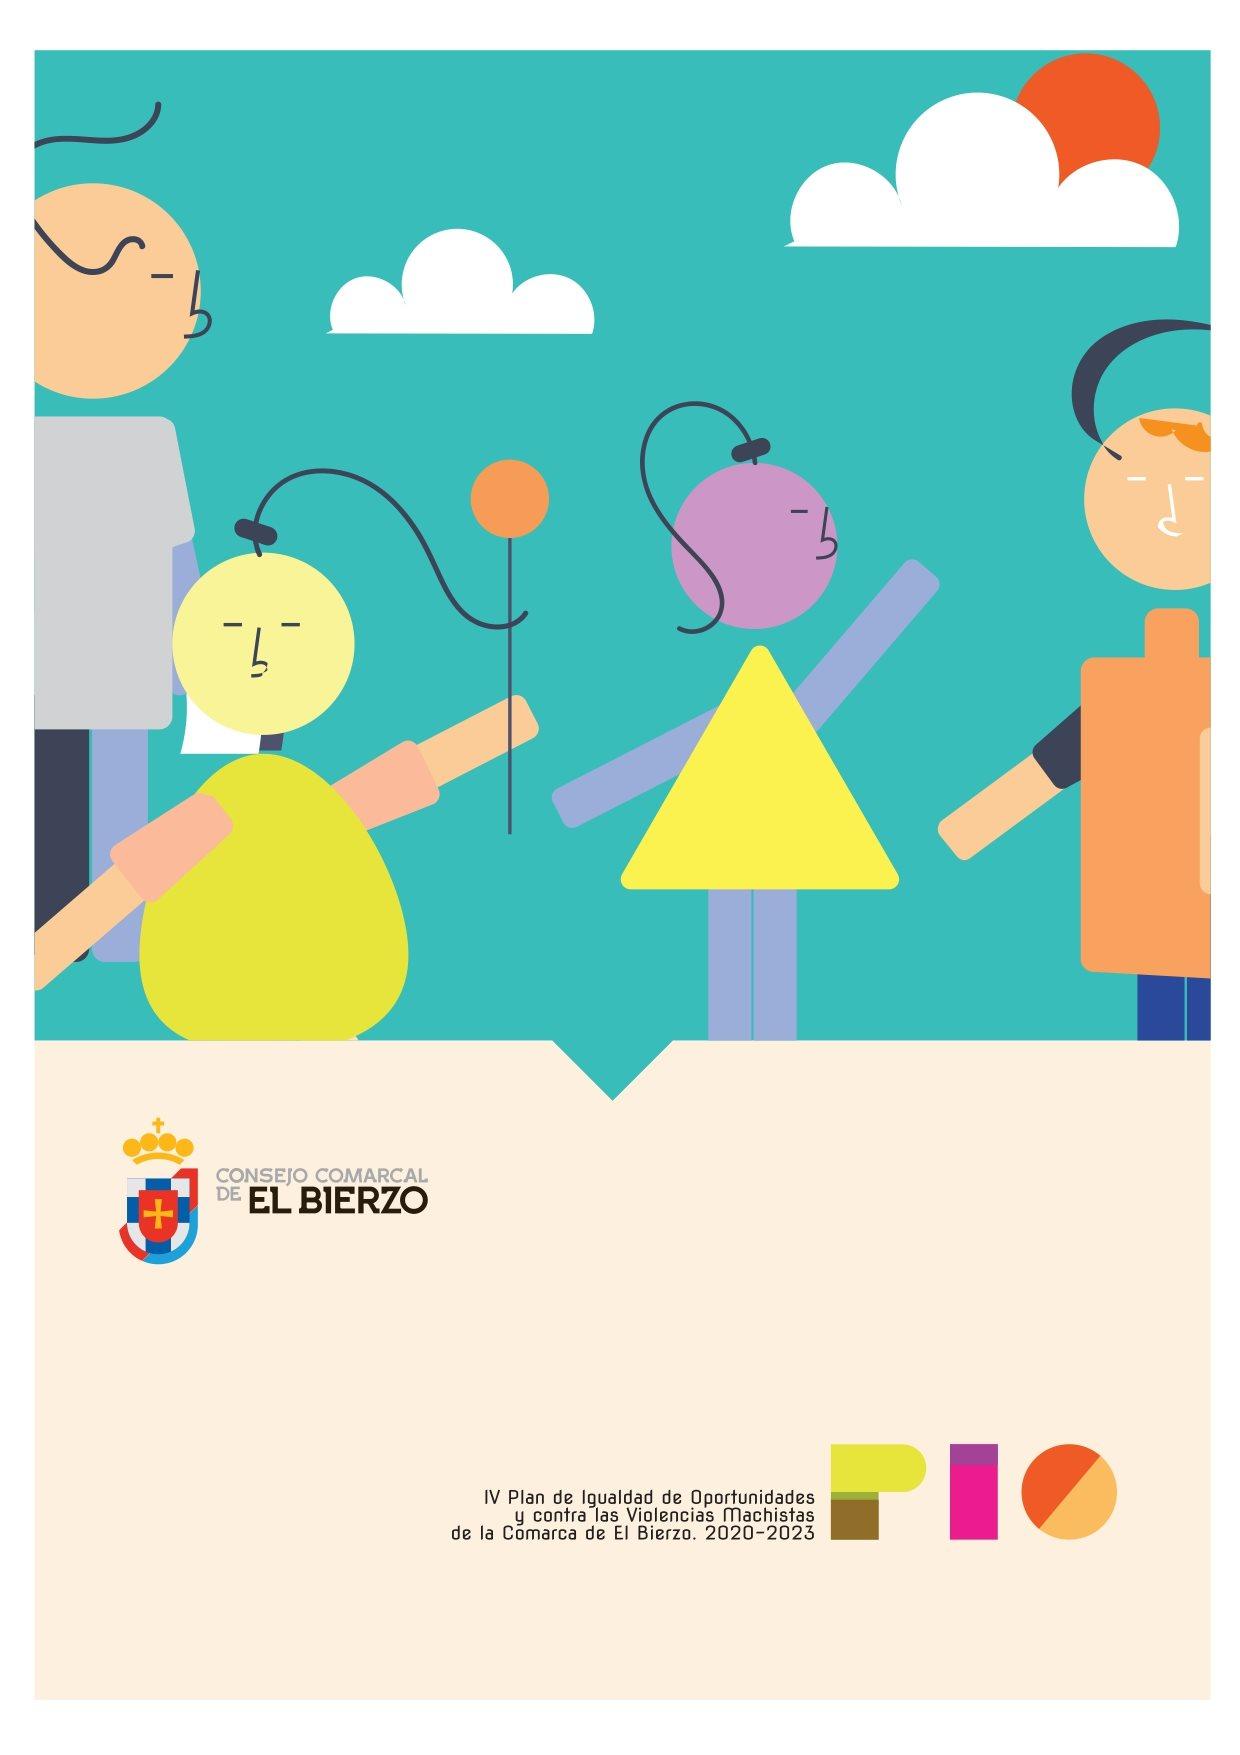 IV Plan de Igualdad de Oportunidades y contra las violencias machistas. 2020-2024